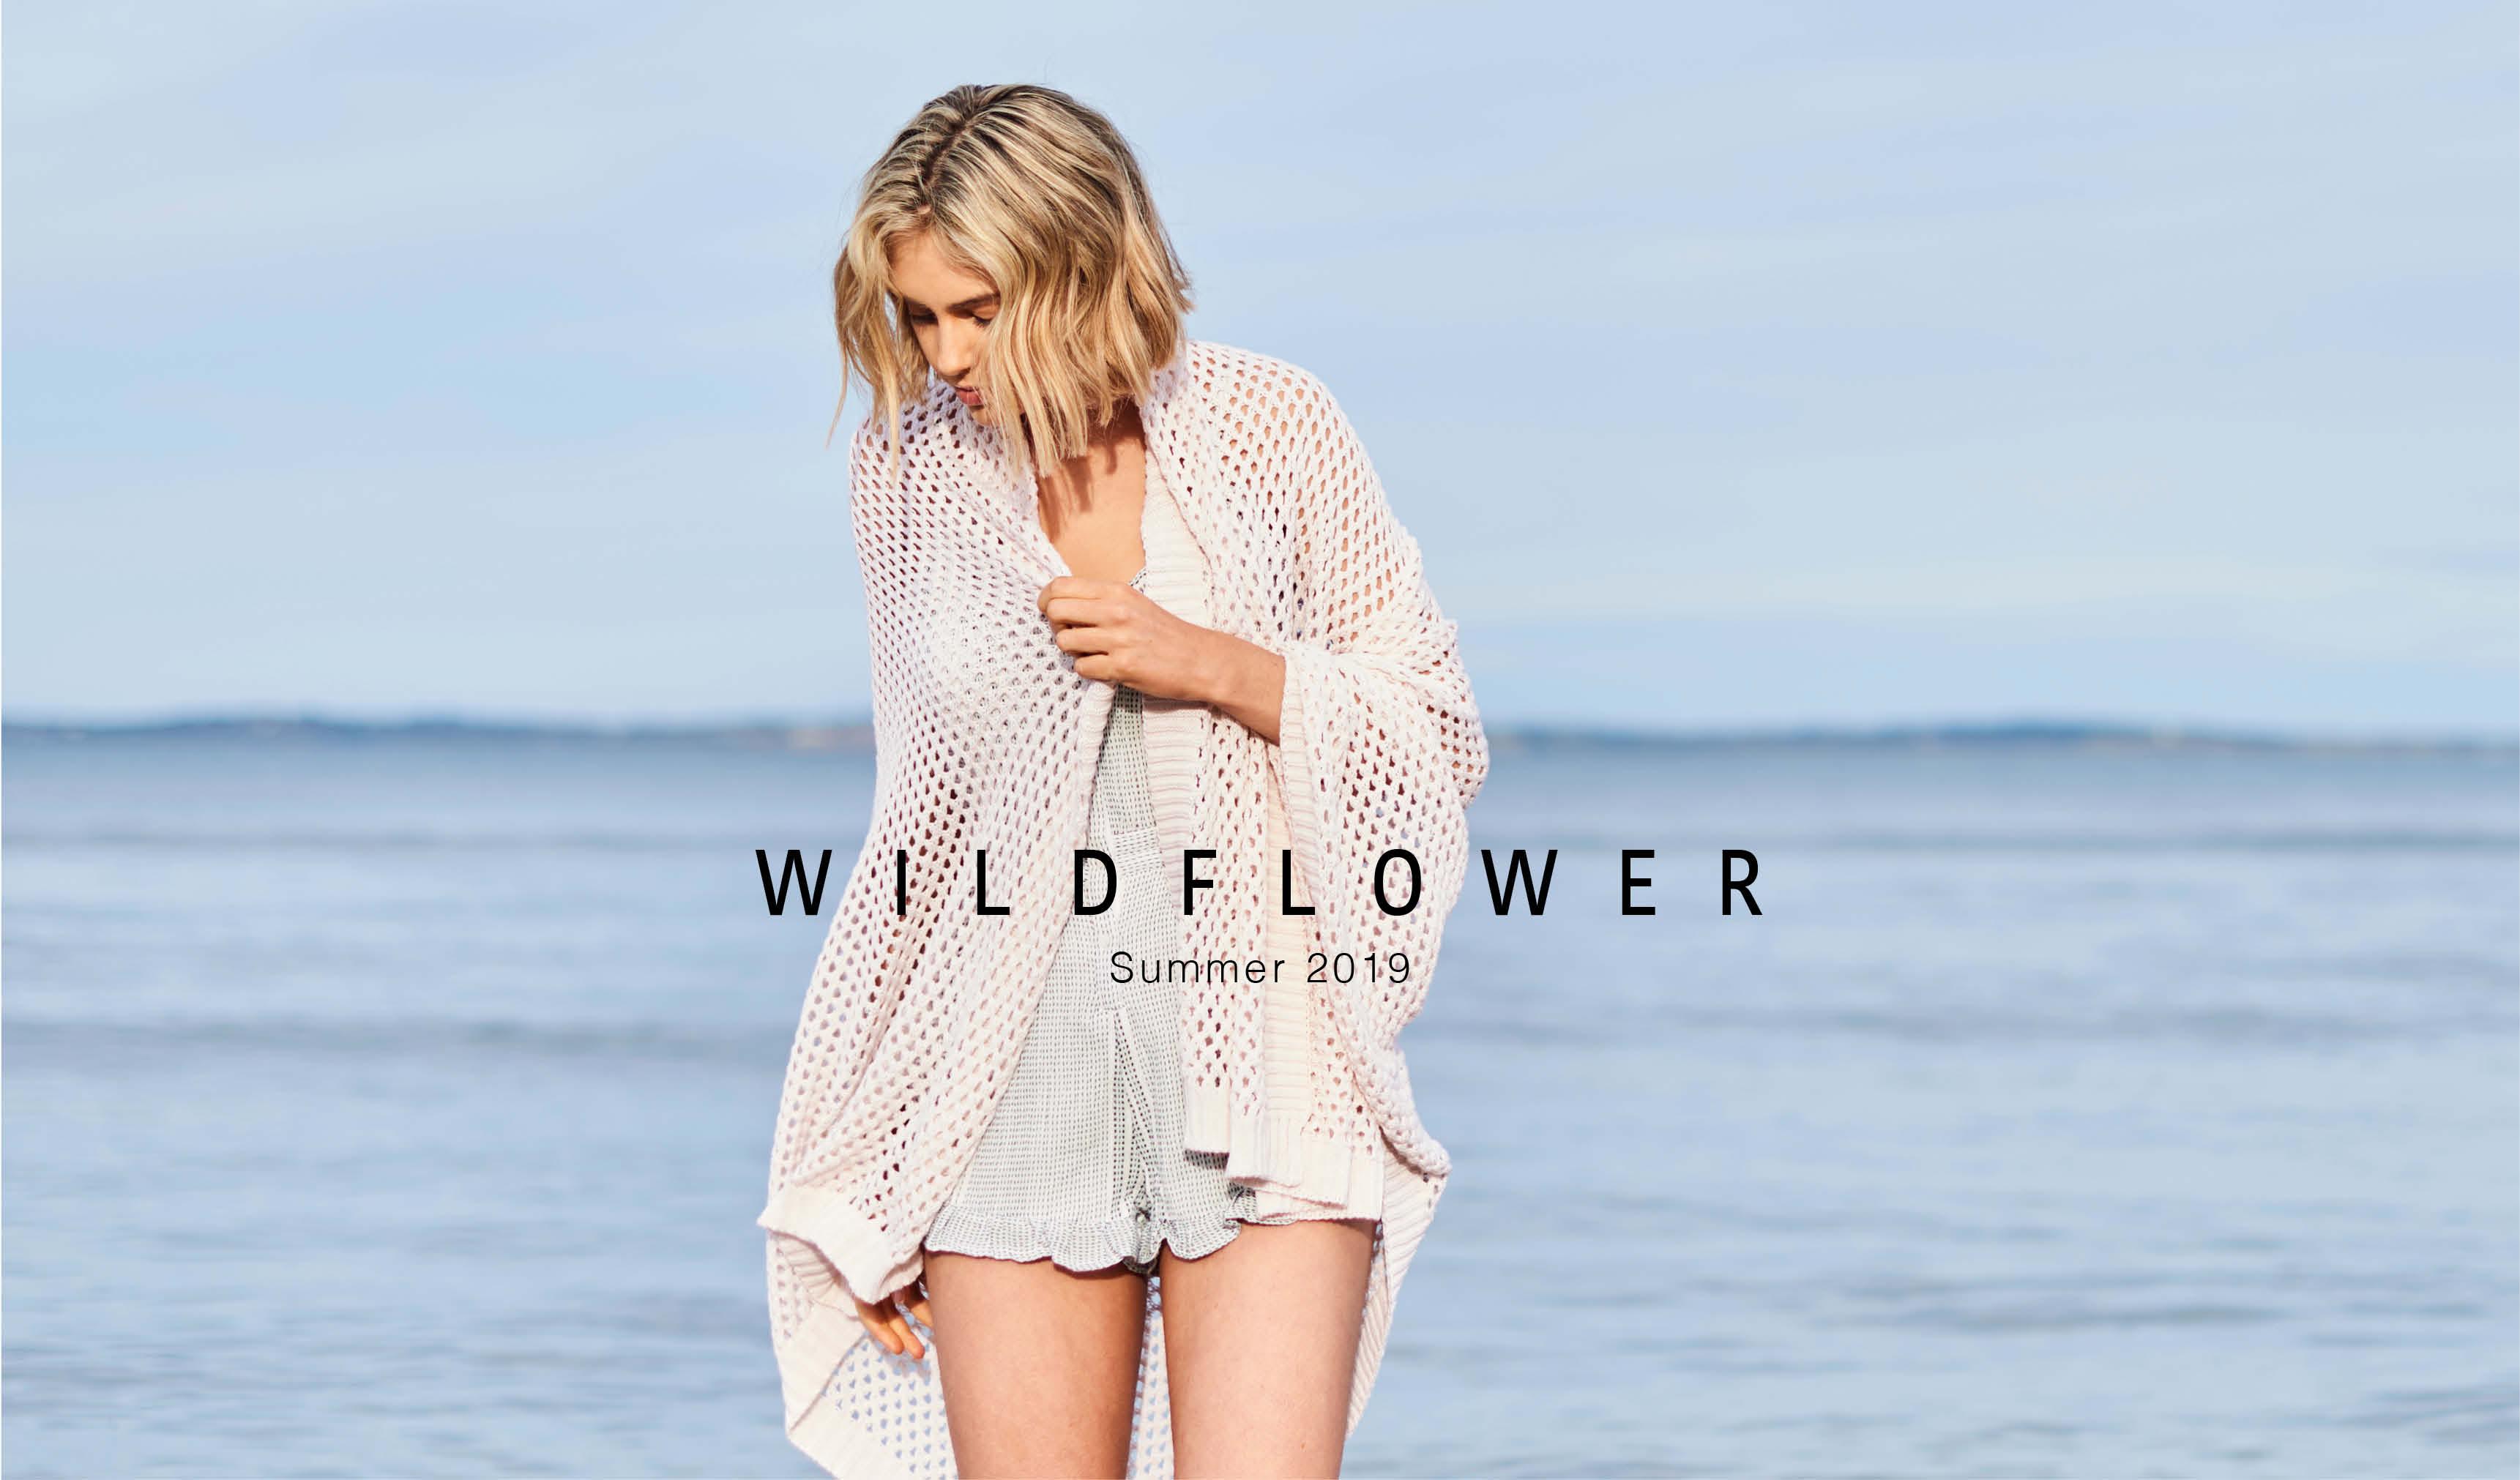 wildflower - summer 19